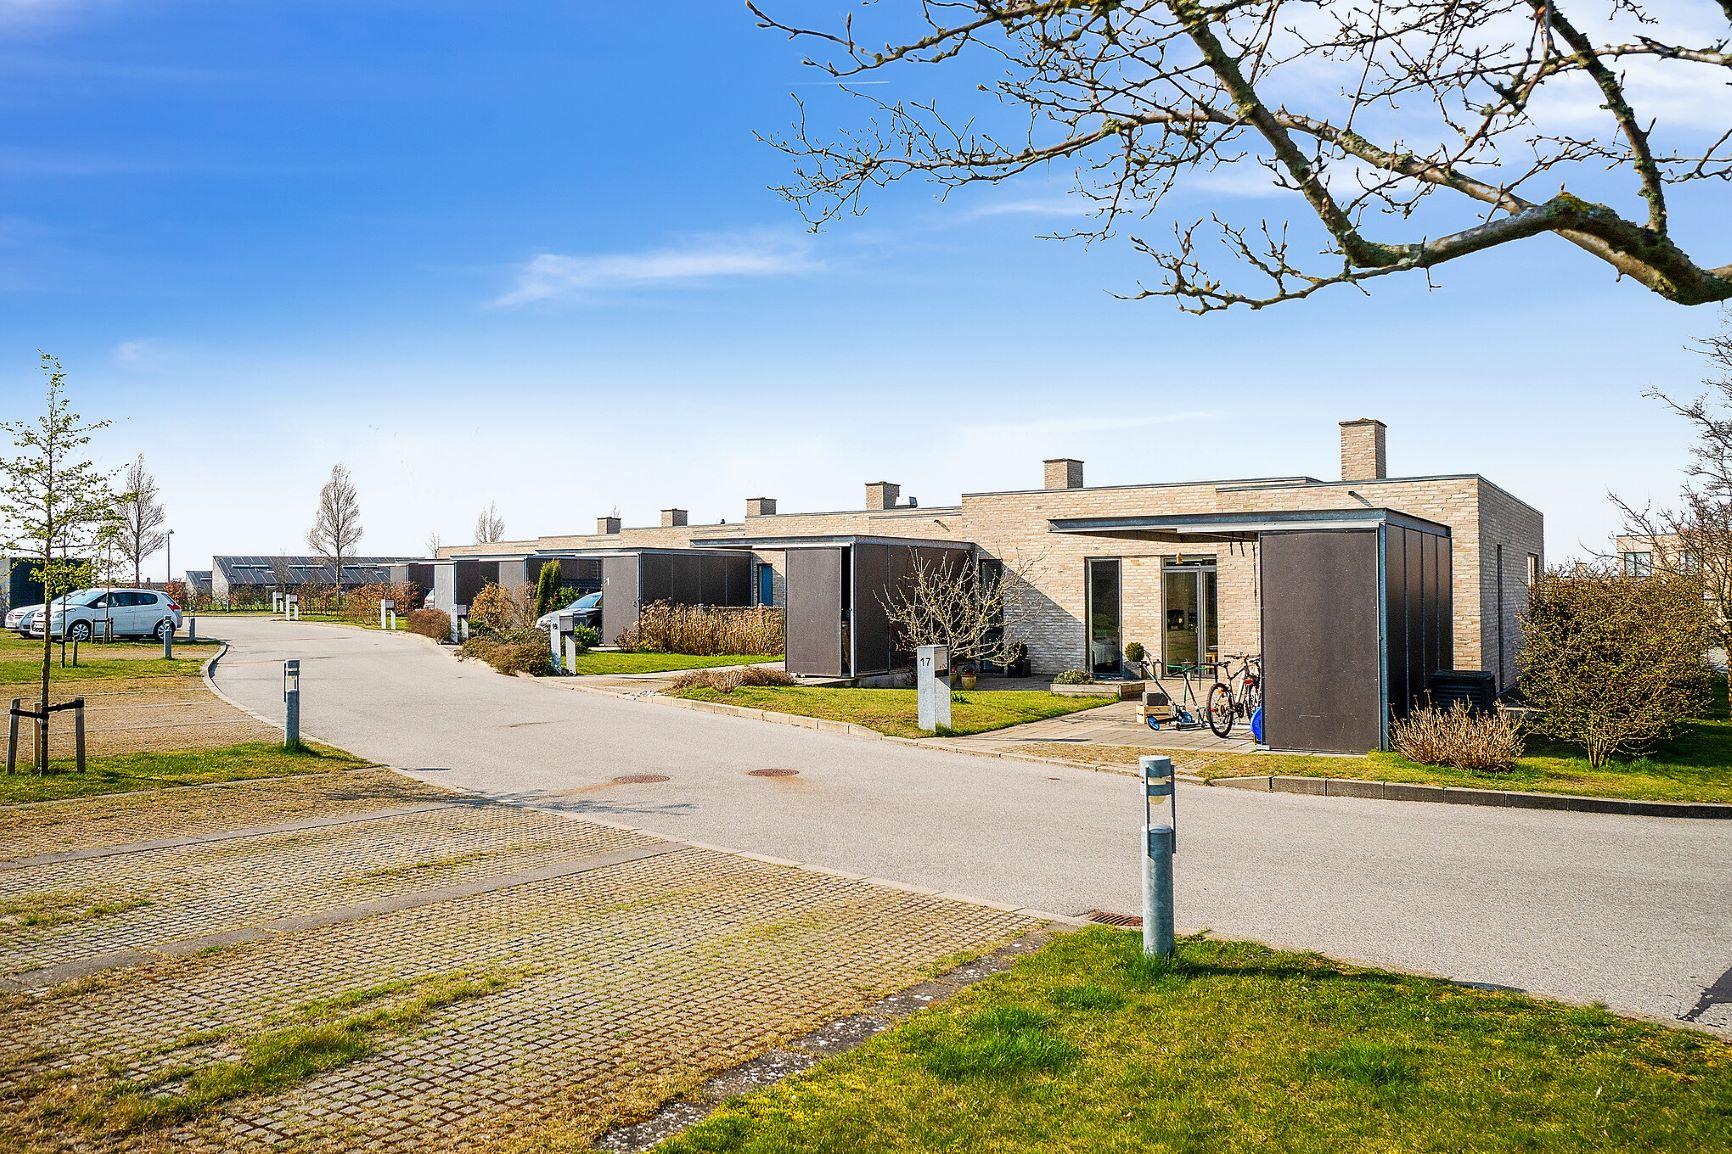 Lejebolig på Bøgehaven 132, 3500 Værløse